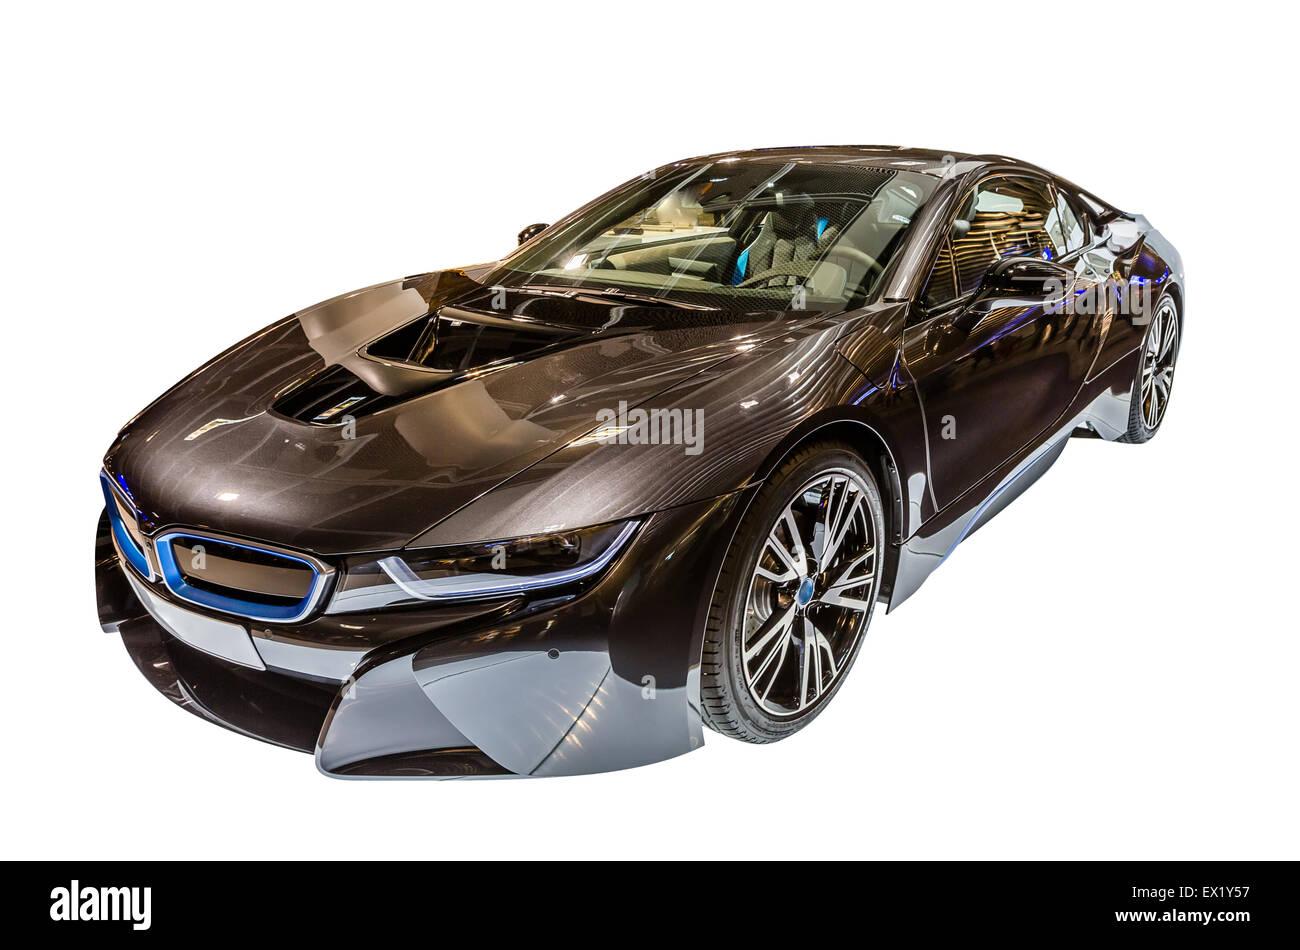 A BMW i8 hybrid car isolated on white background. - Stock Image